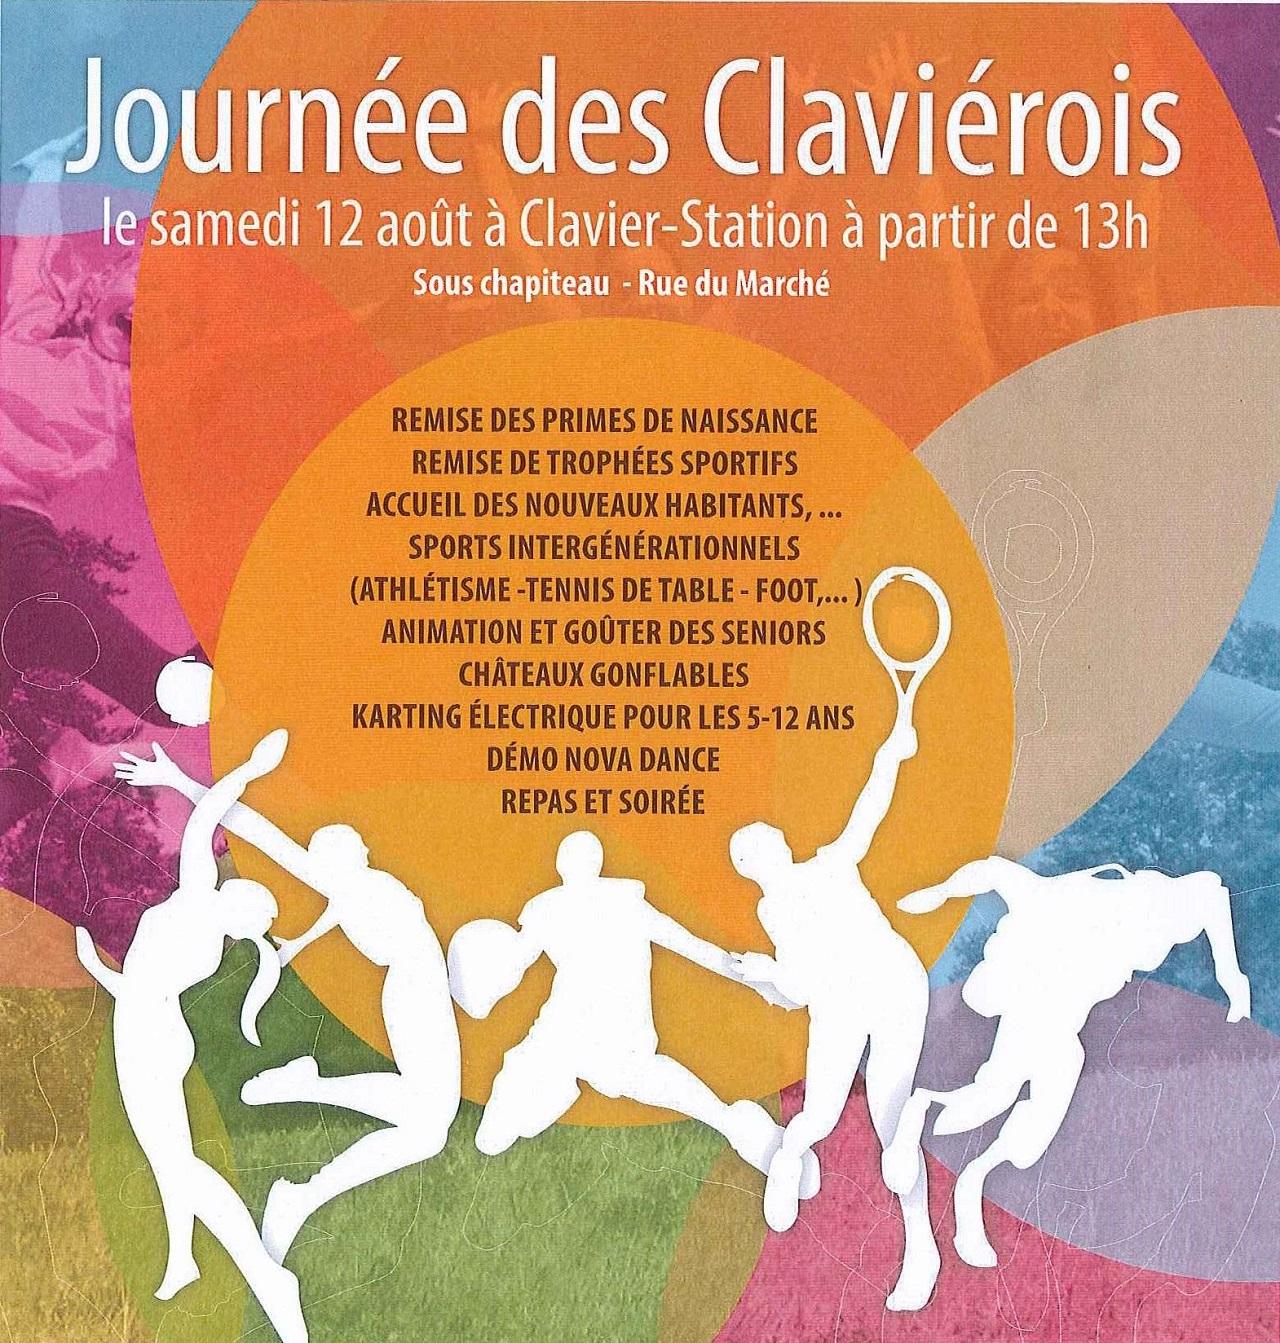 Comité d'initiative et de culture de Clavier